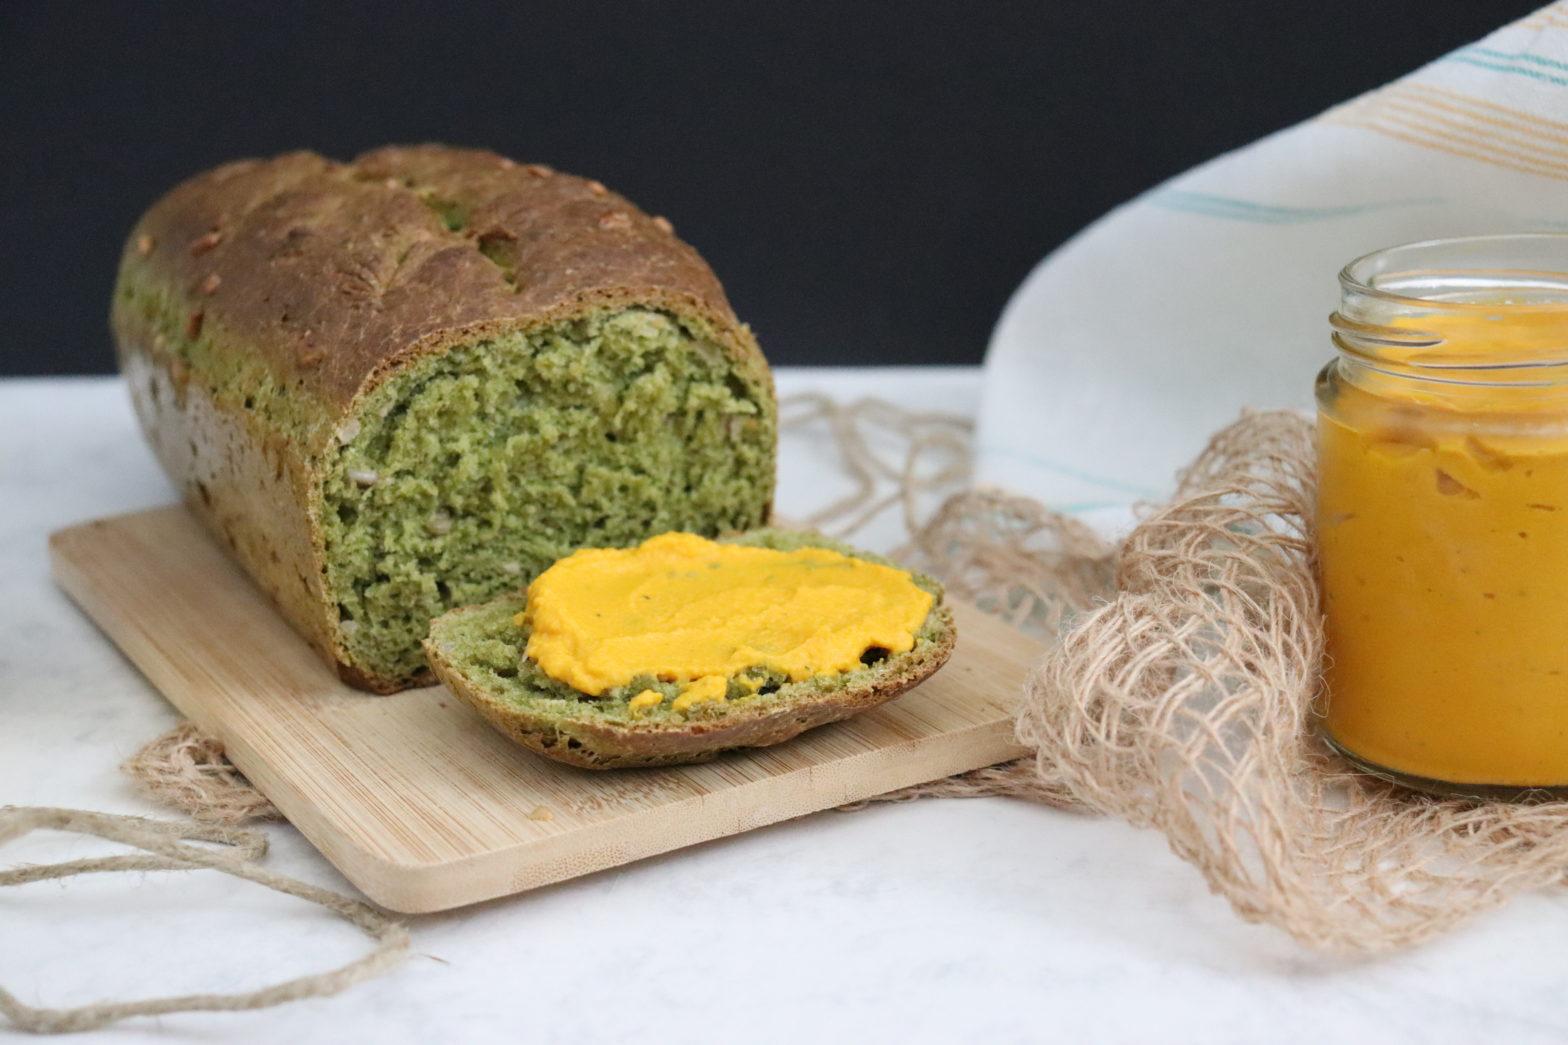 grünes Brot mit gelbem Aufstrich